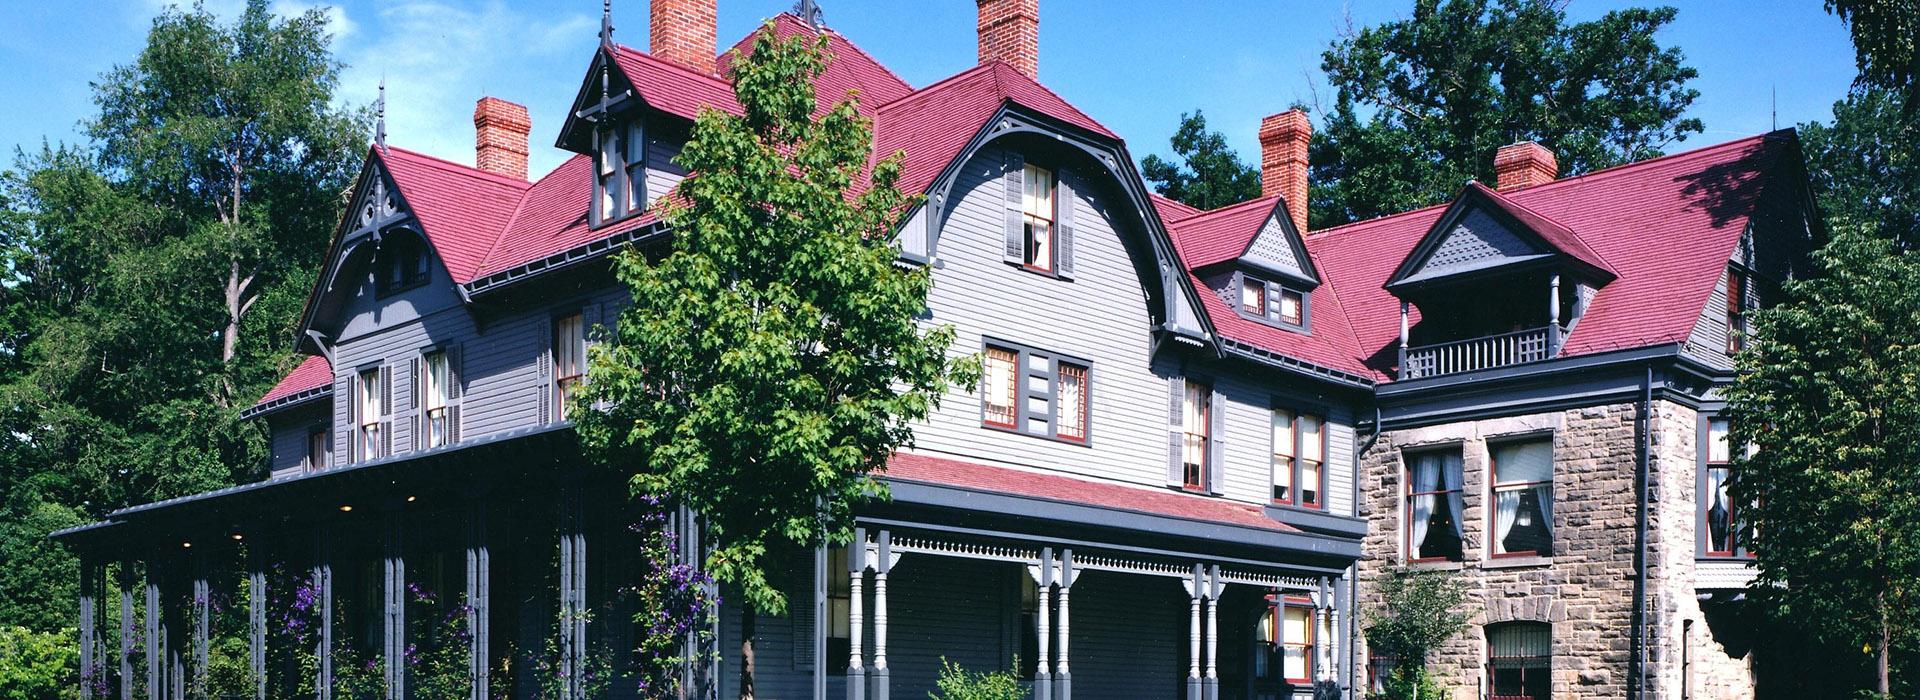 James-A-Garfield-House-10-1920x700